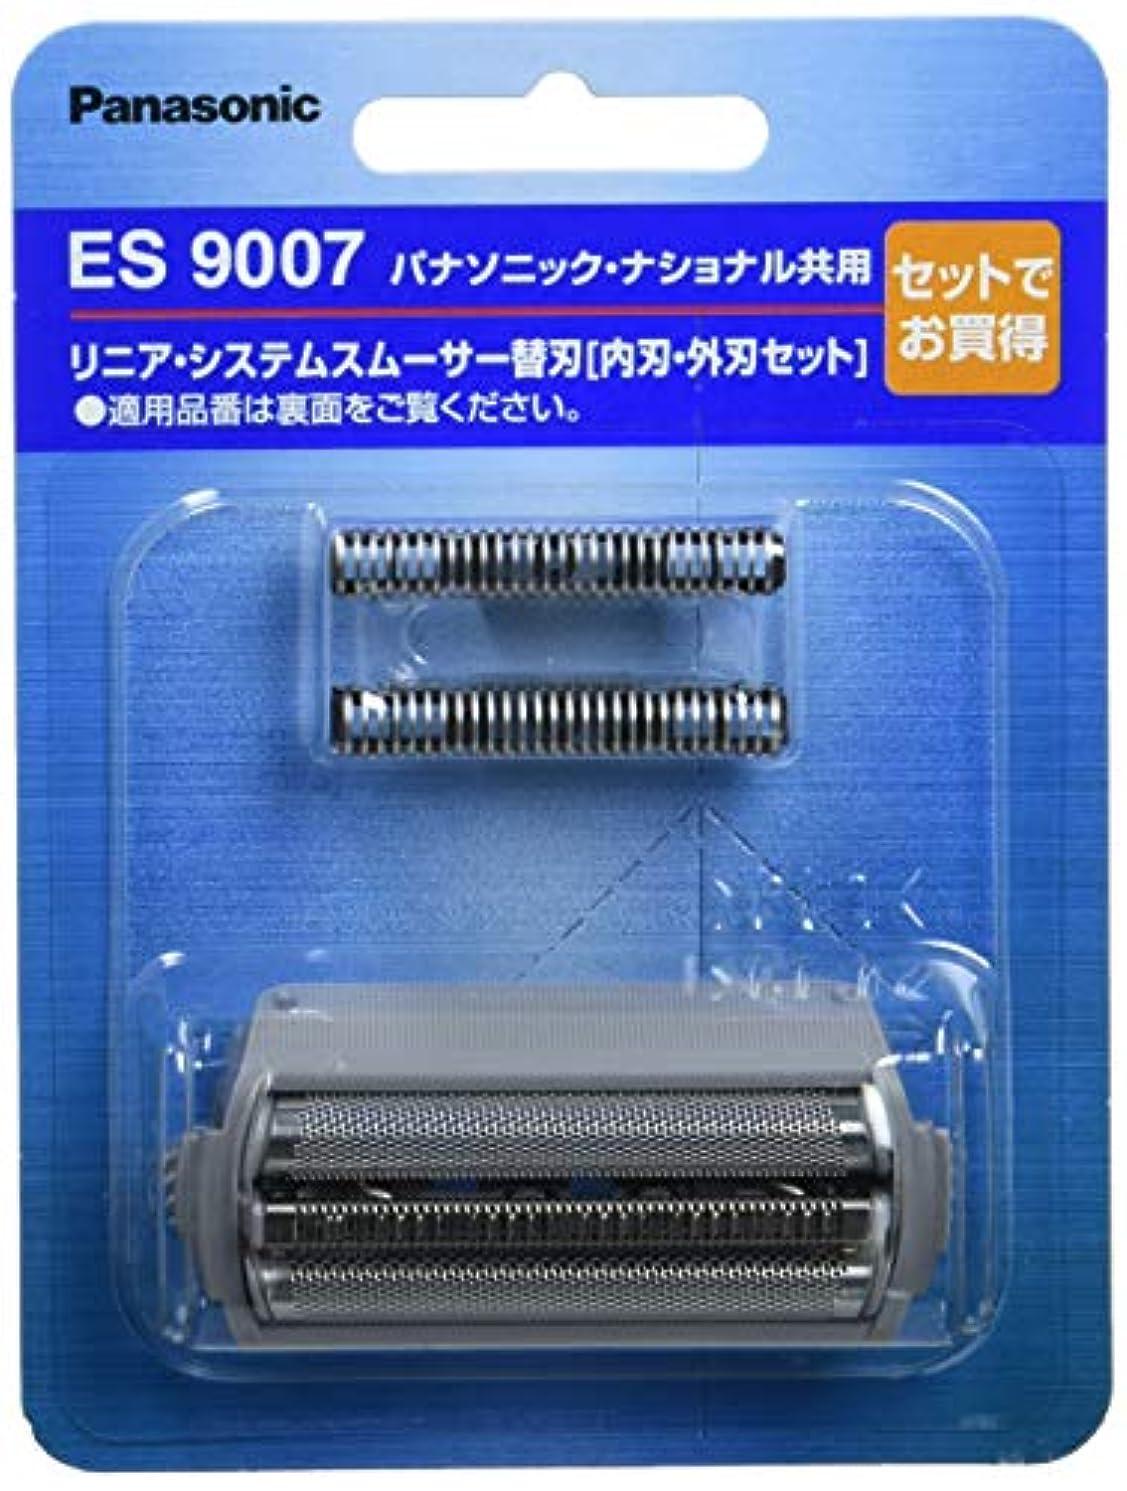 ブル少数トンネルパナソニック 替刃 メンズシェーバー用 セット刃 ES9007